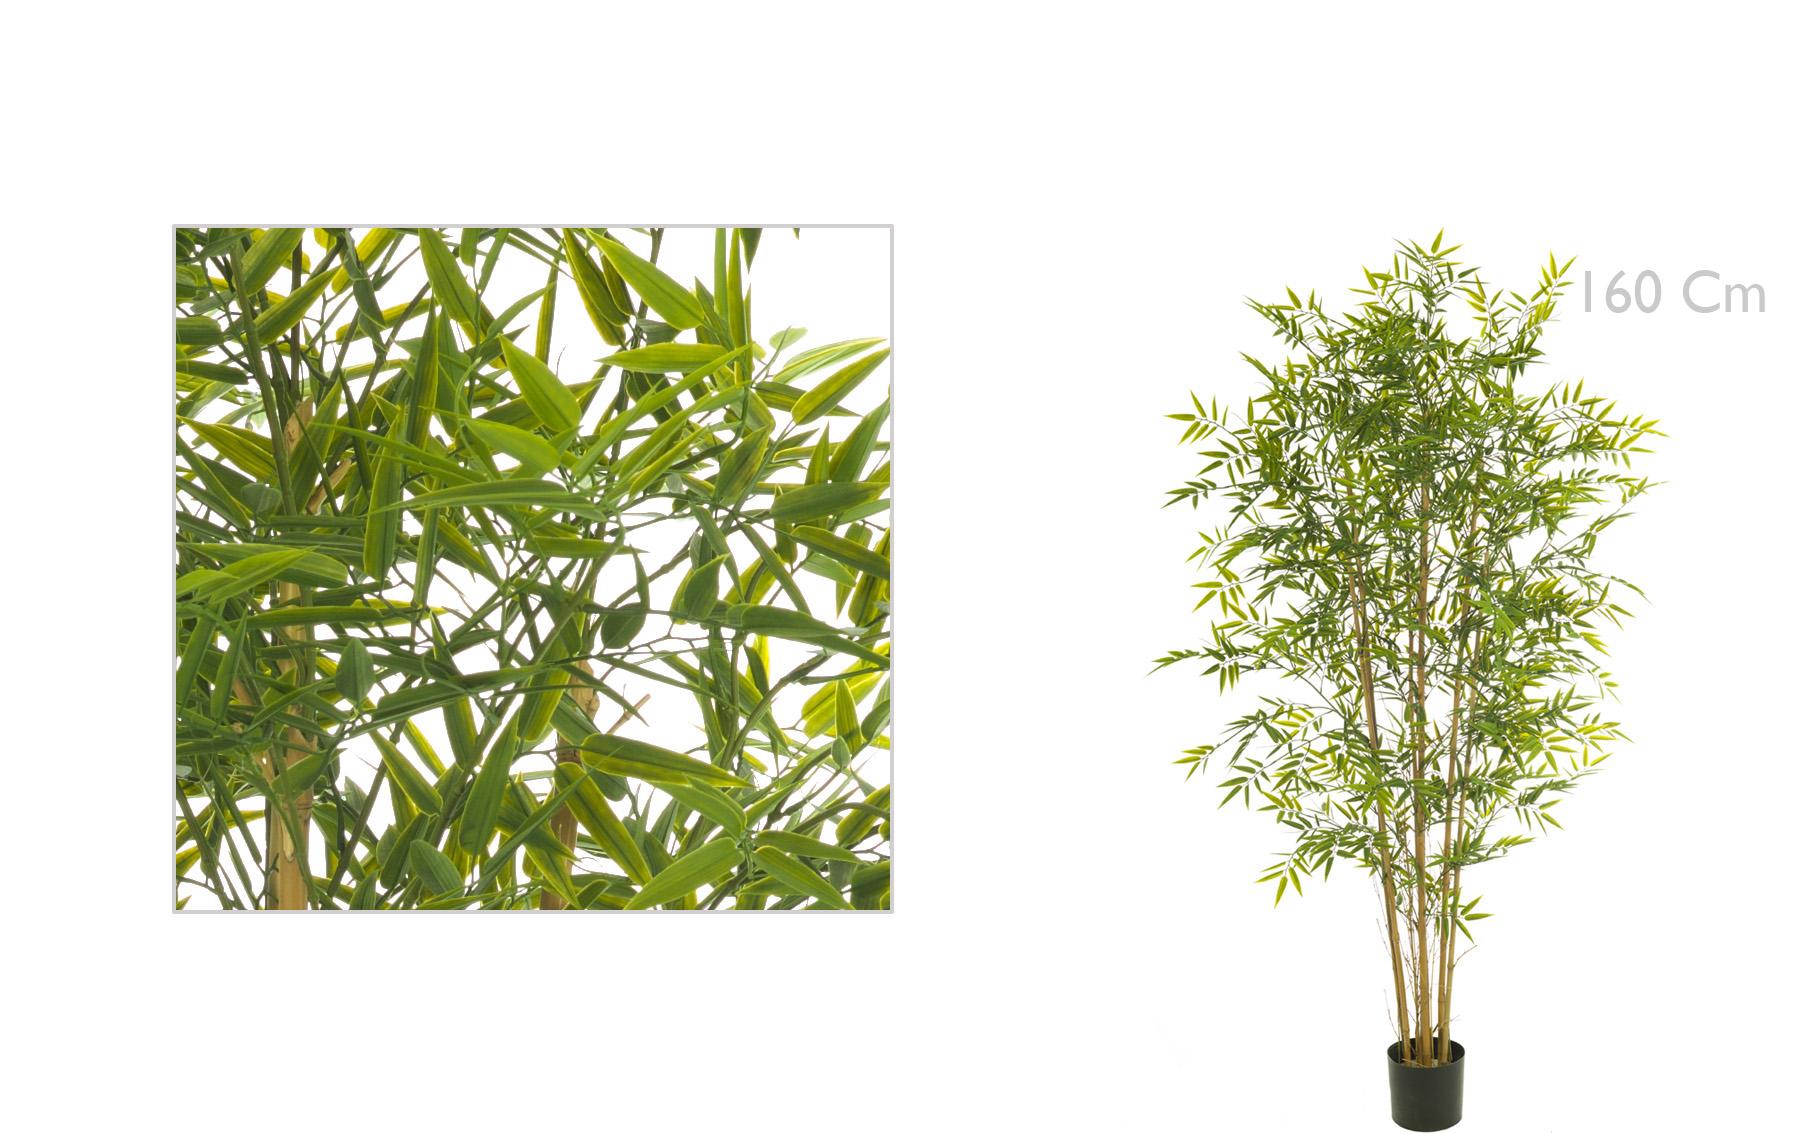 arbol bambu de 160cm www.floresymuchomas.com